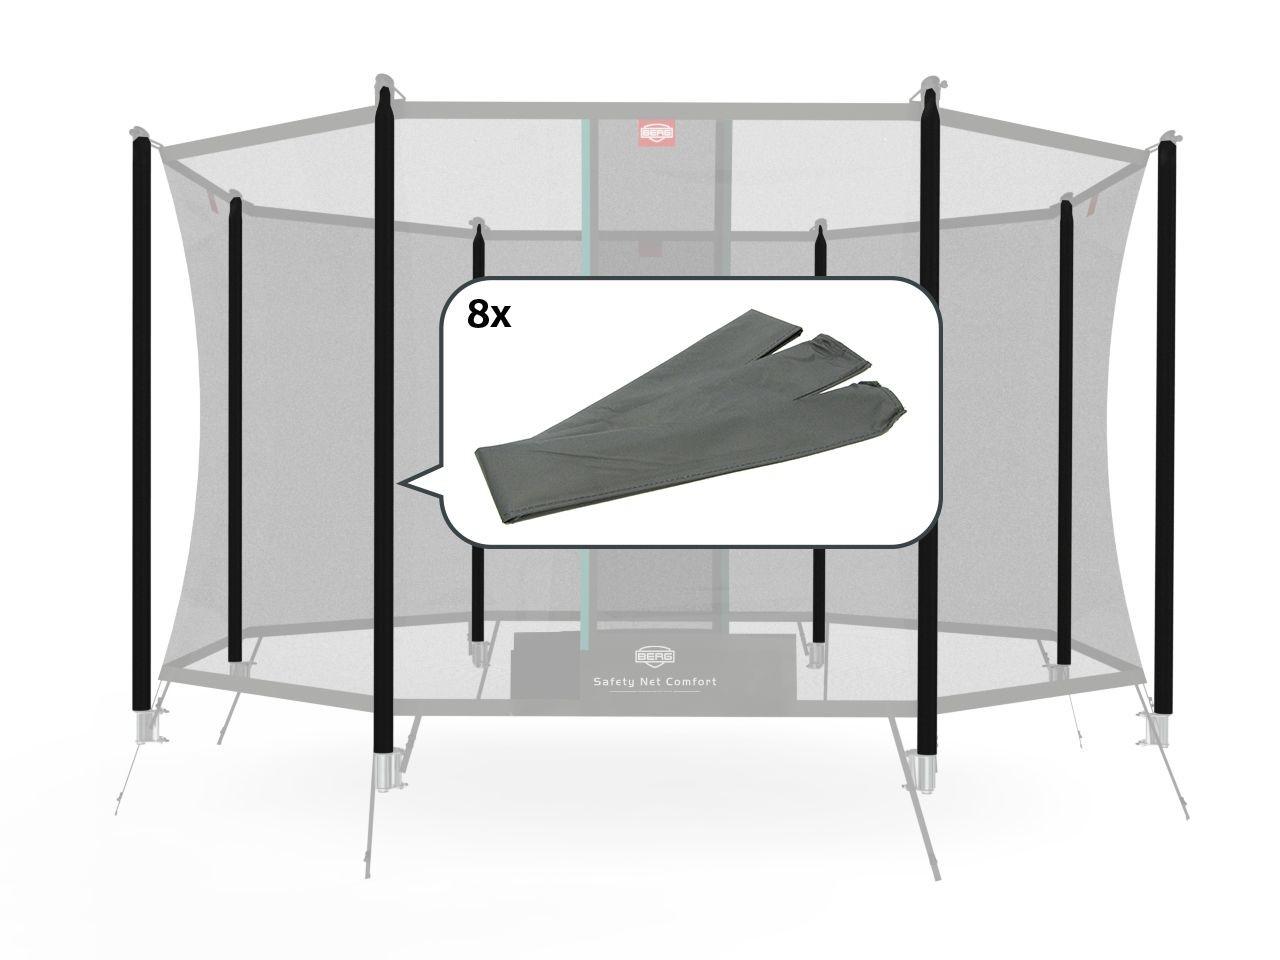 Safety Net Comfort - Paalhoezen InGround (8x)